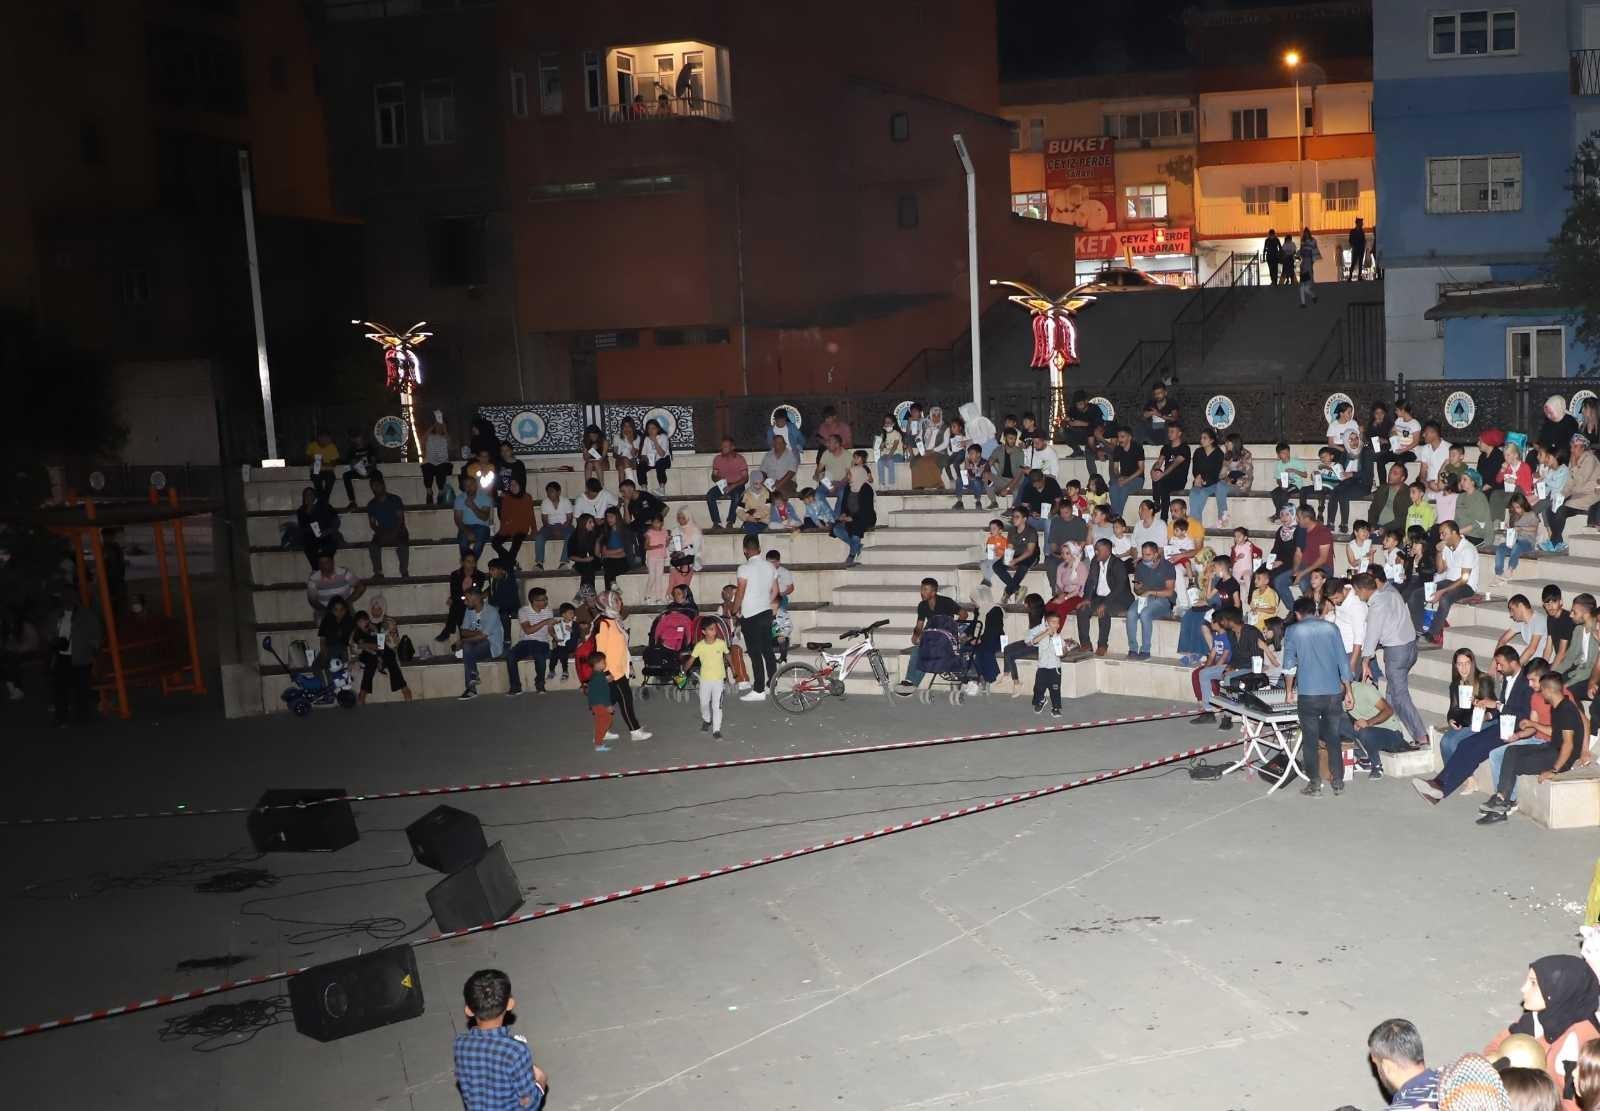 Hakkarili vatandaşlara Aslan Kral filmi izletildi #hakkari